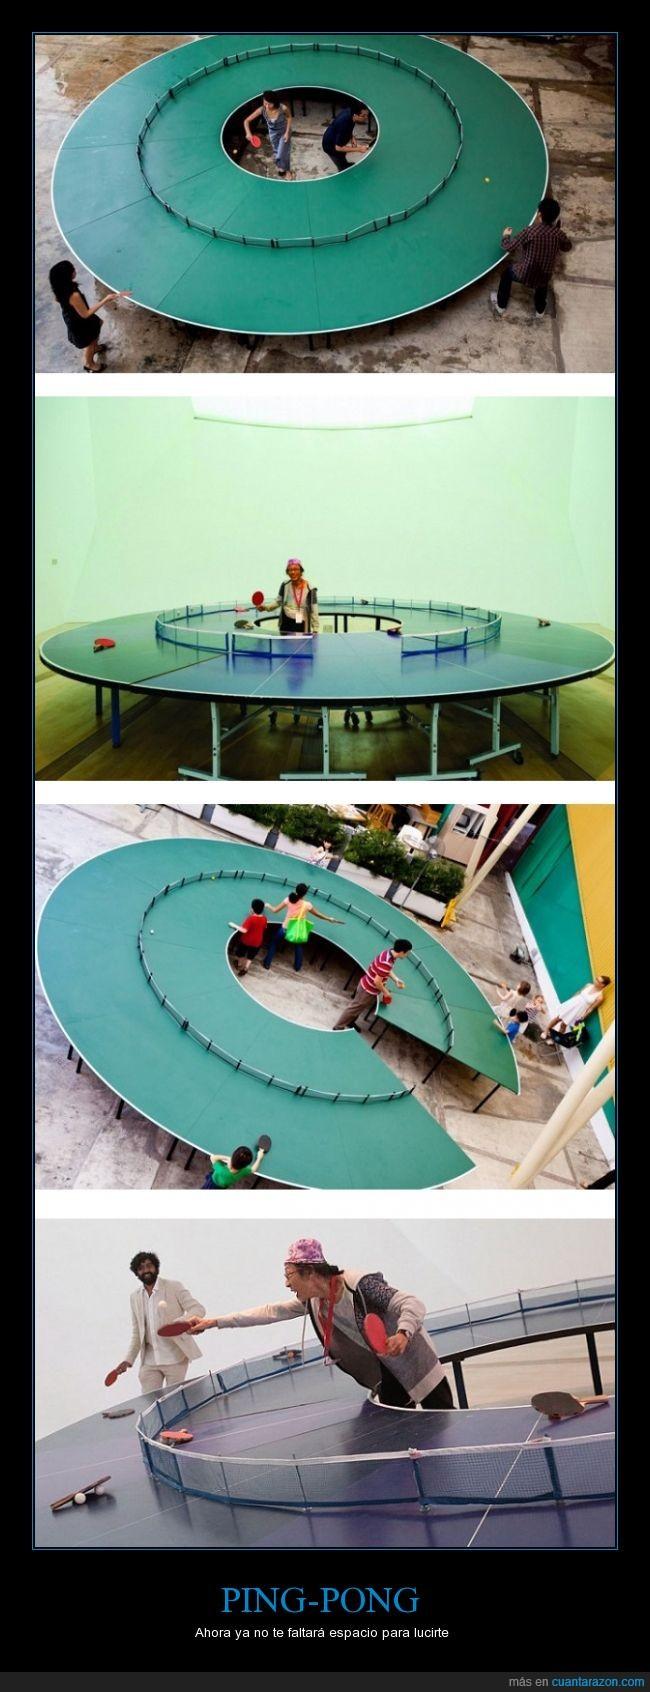 arte,exposición,interesante,jugar,la gente tiene mucho tiempo,mesa,mesa redonda,ping pong